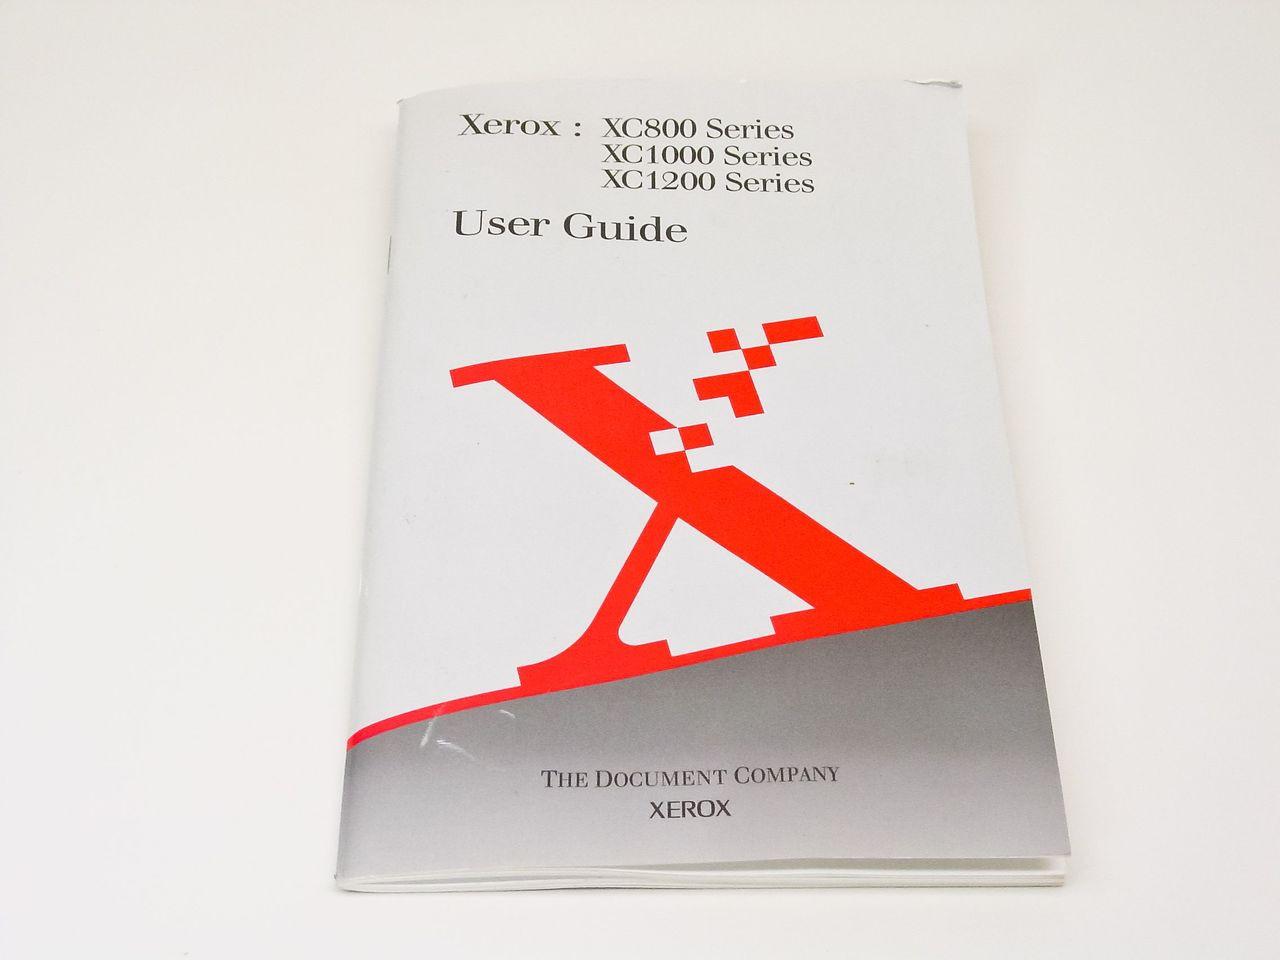 xerox xc830 manual product user guide instruction u2022 rh repairmanualonline today Xerox Printer Repair Scan Repair